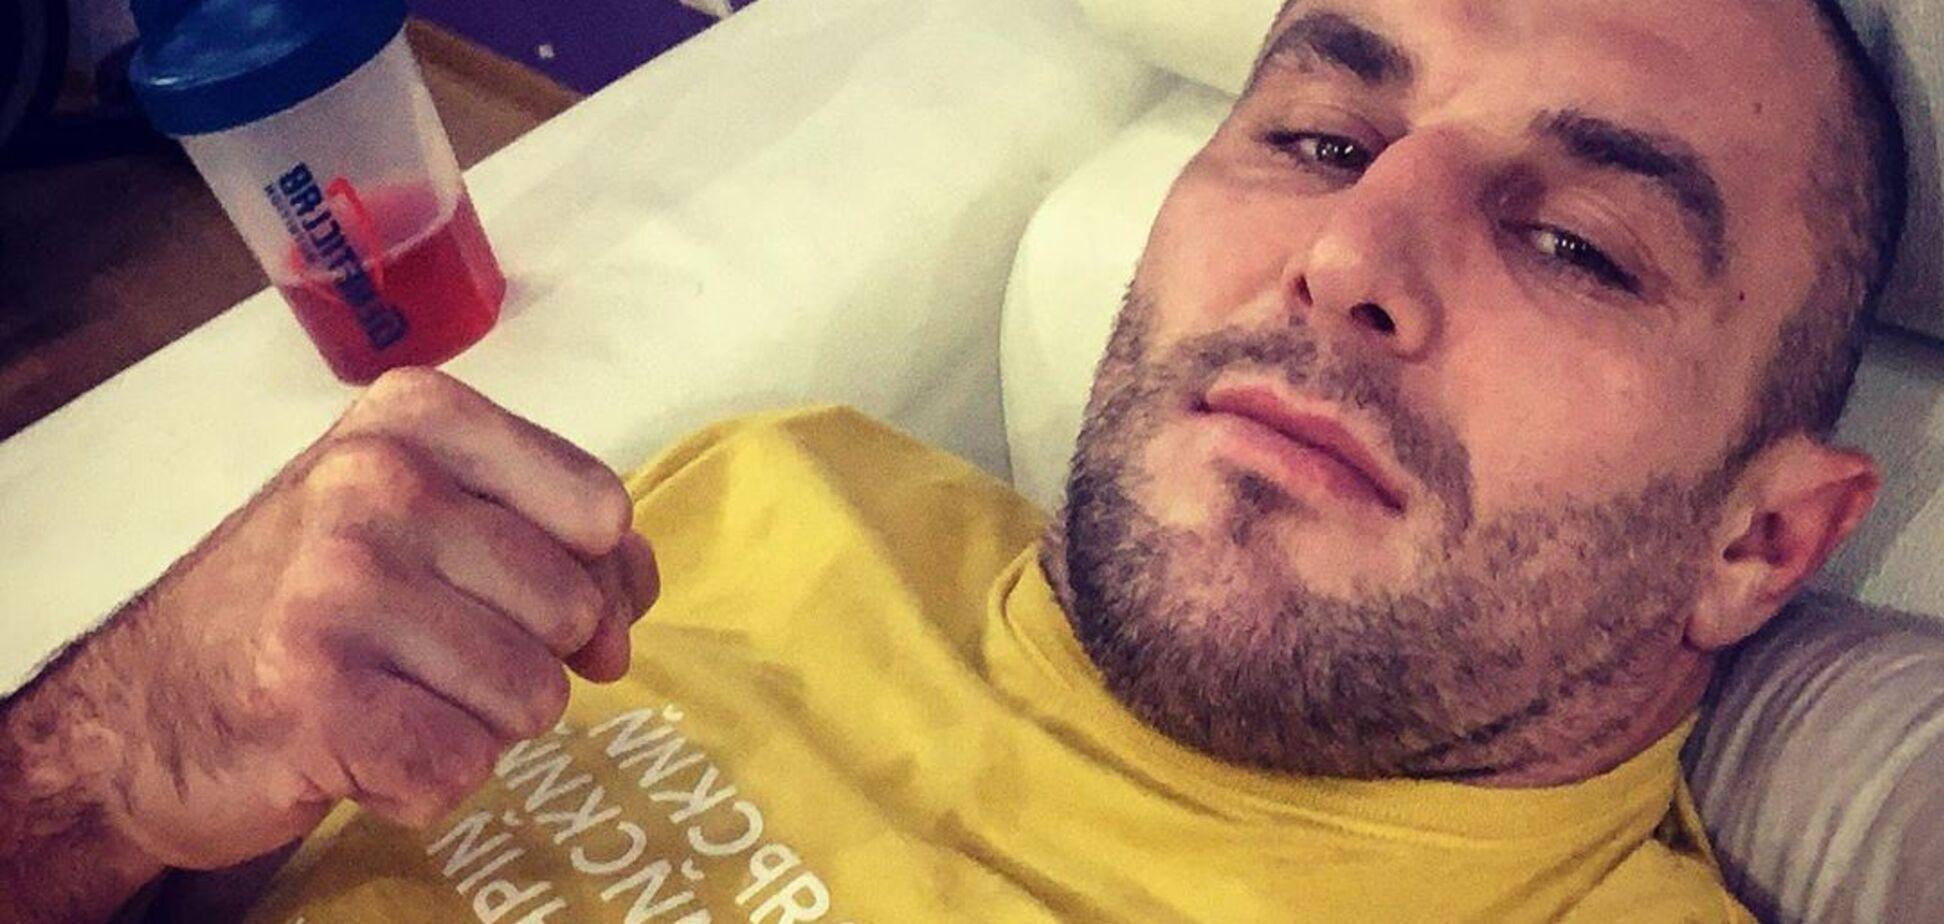 Не верящий в коронавирус российский стронгмен заразился COVID-19 и описал весь 'ужас'